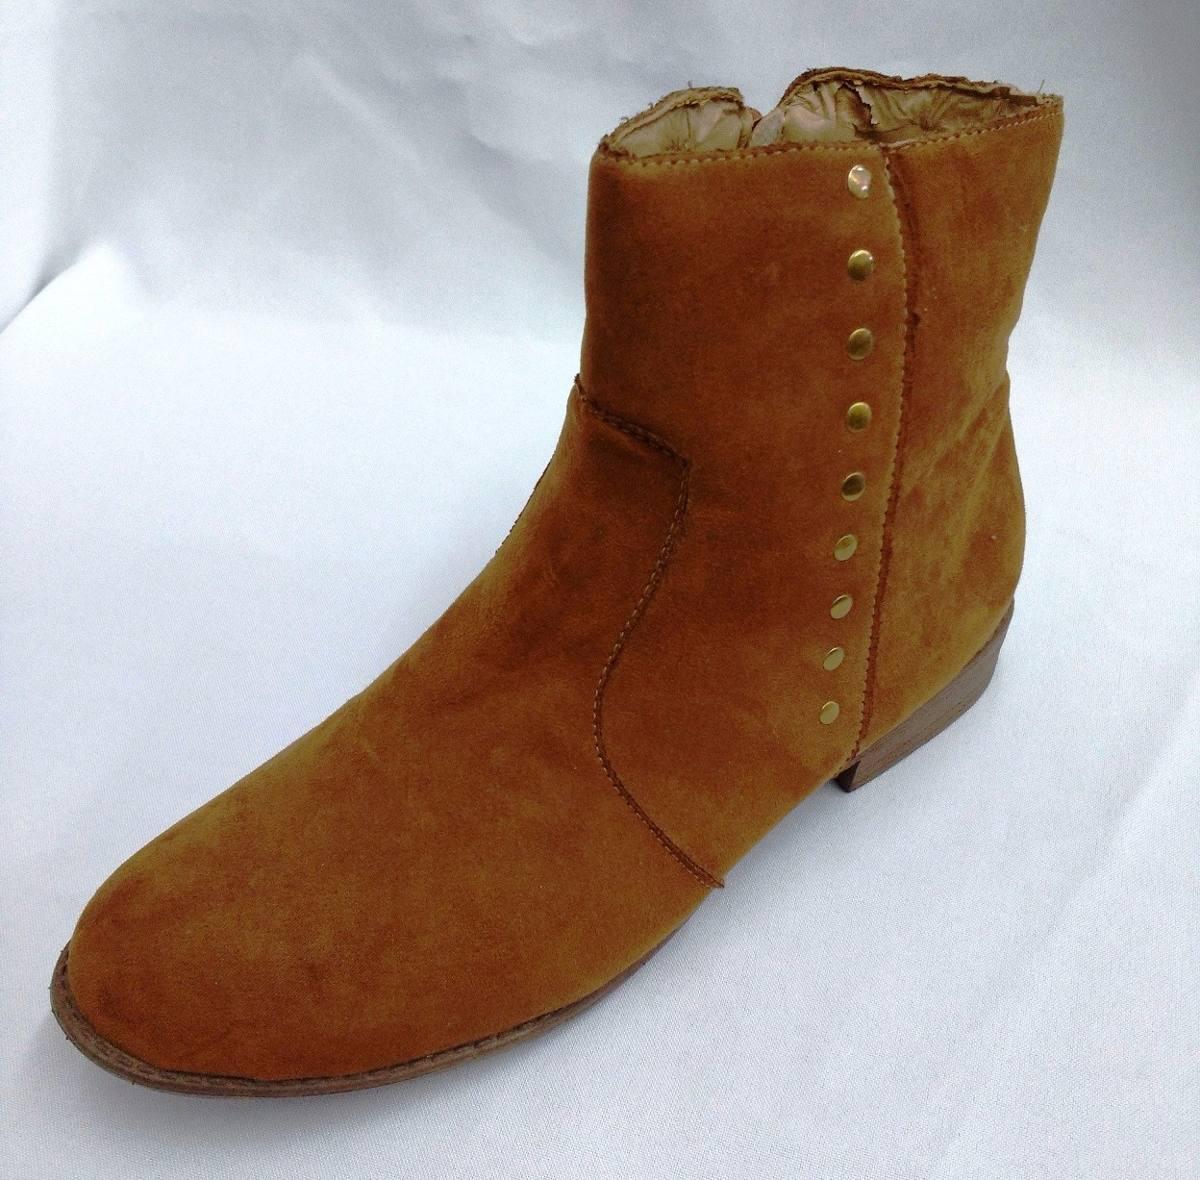 b9c03d574 barato bota feminina cano curto marisa tachas caramelo n.39. Carregando zoom .